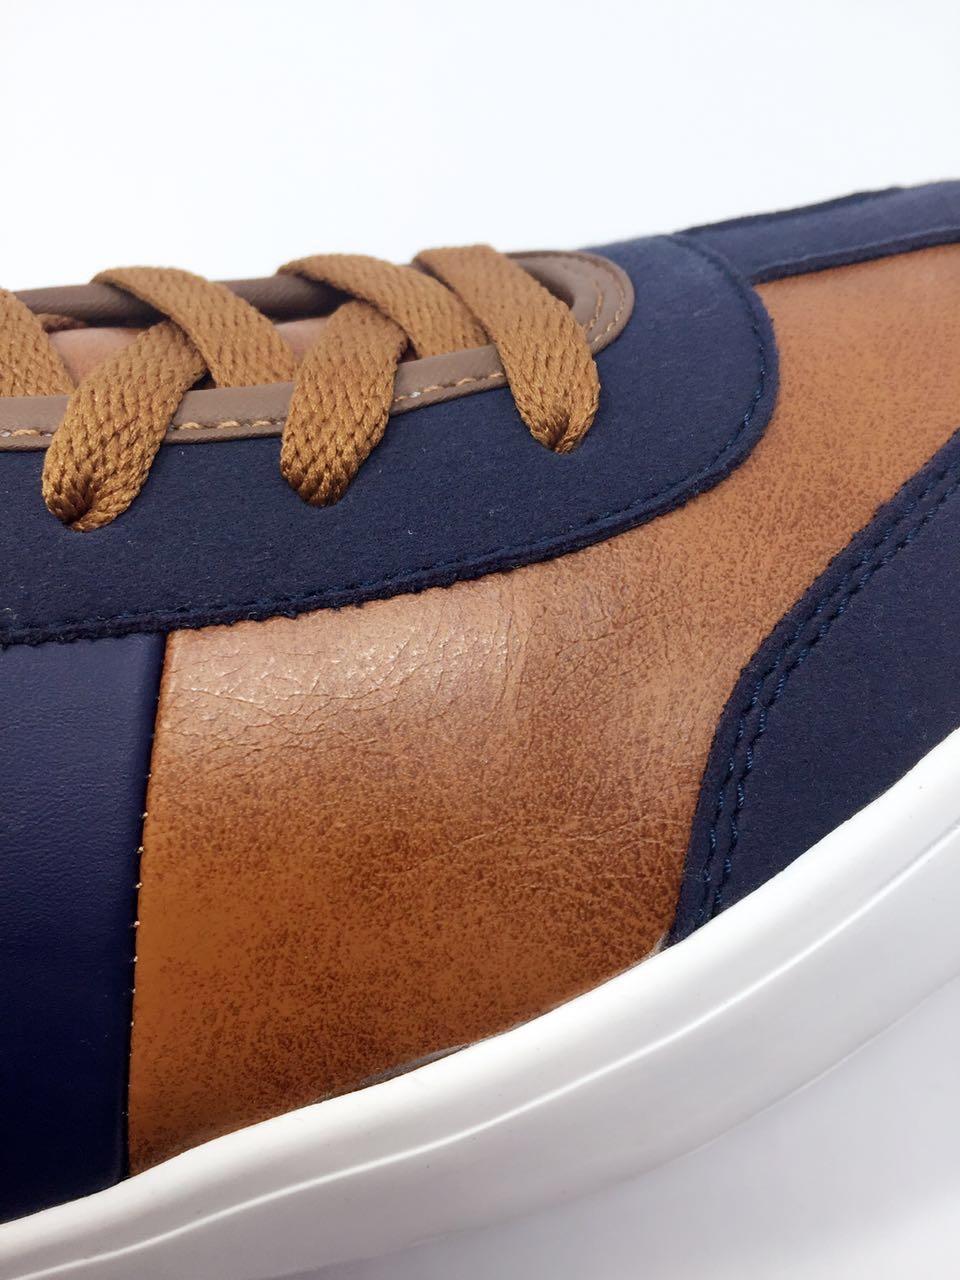 仿皮PU 单色 双色 三色 多色 鞋面 鞋舌 内里 鞋垫 防水台 其他